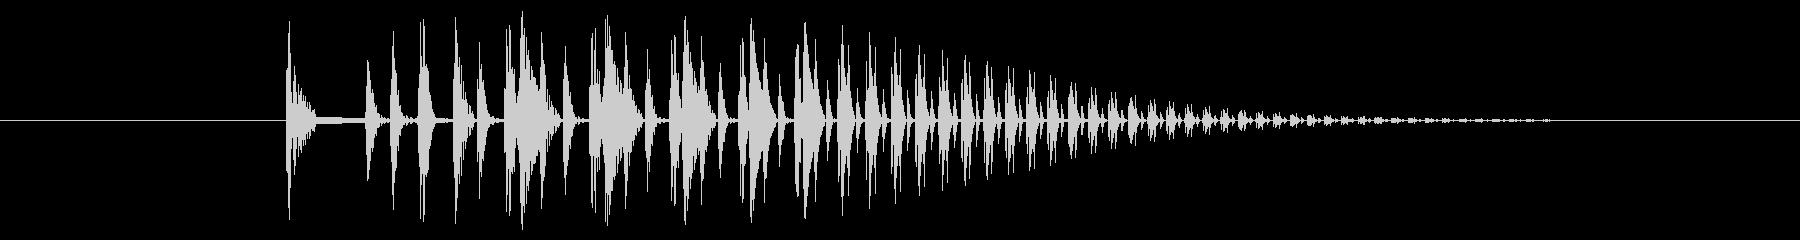 スワイプ_200701の未再生の波形